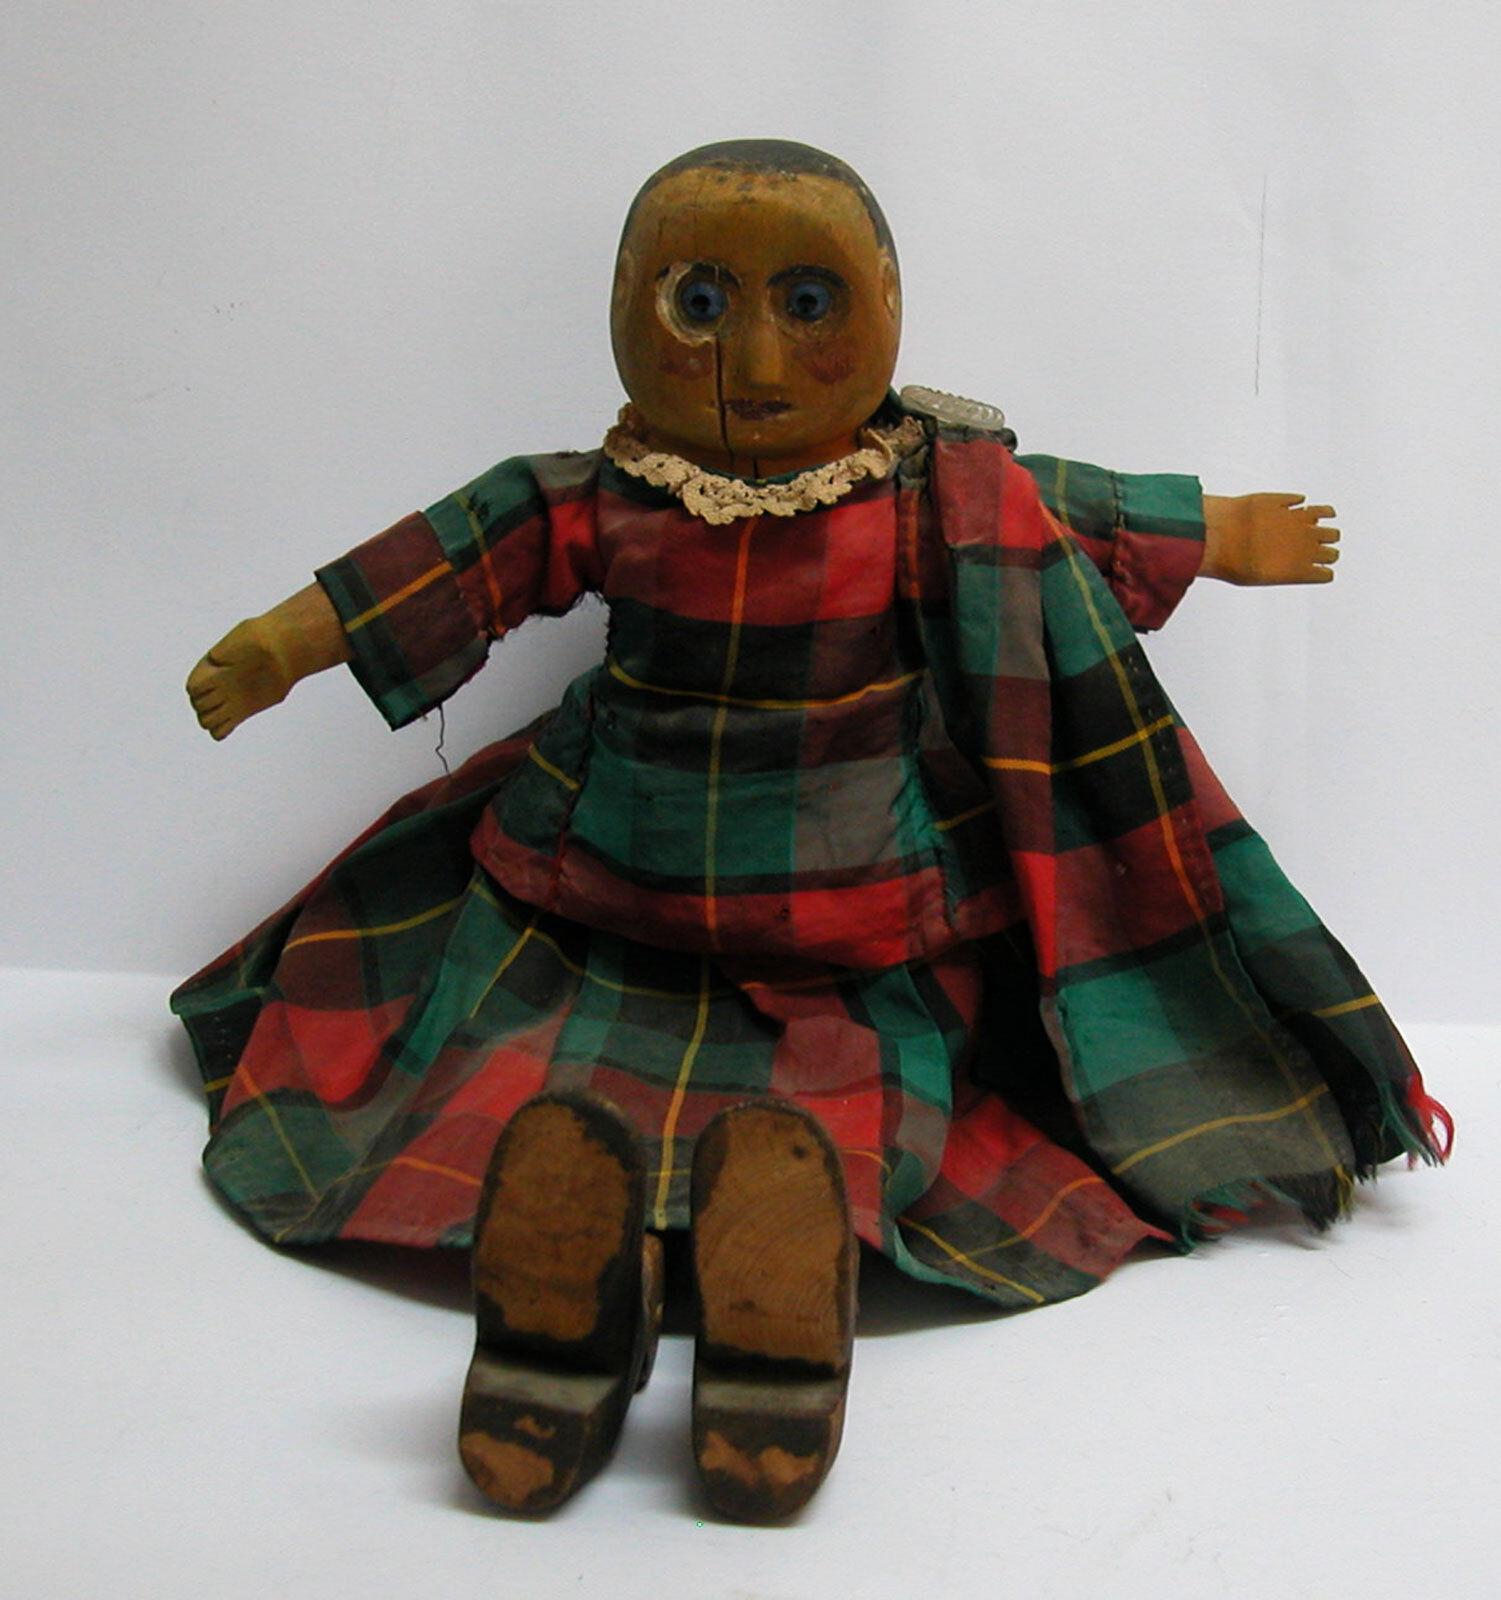 Muñeco De Madera Antiguo 19th Century vestida con ropas escocesas 15.4  De Alto